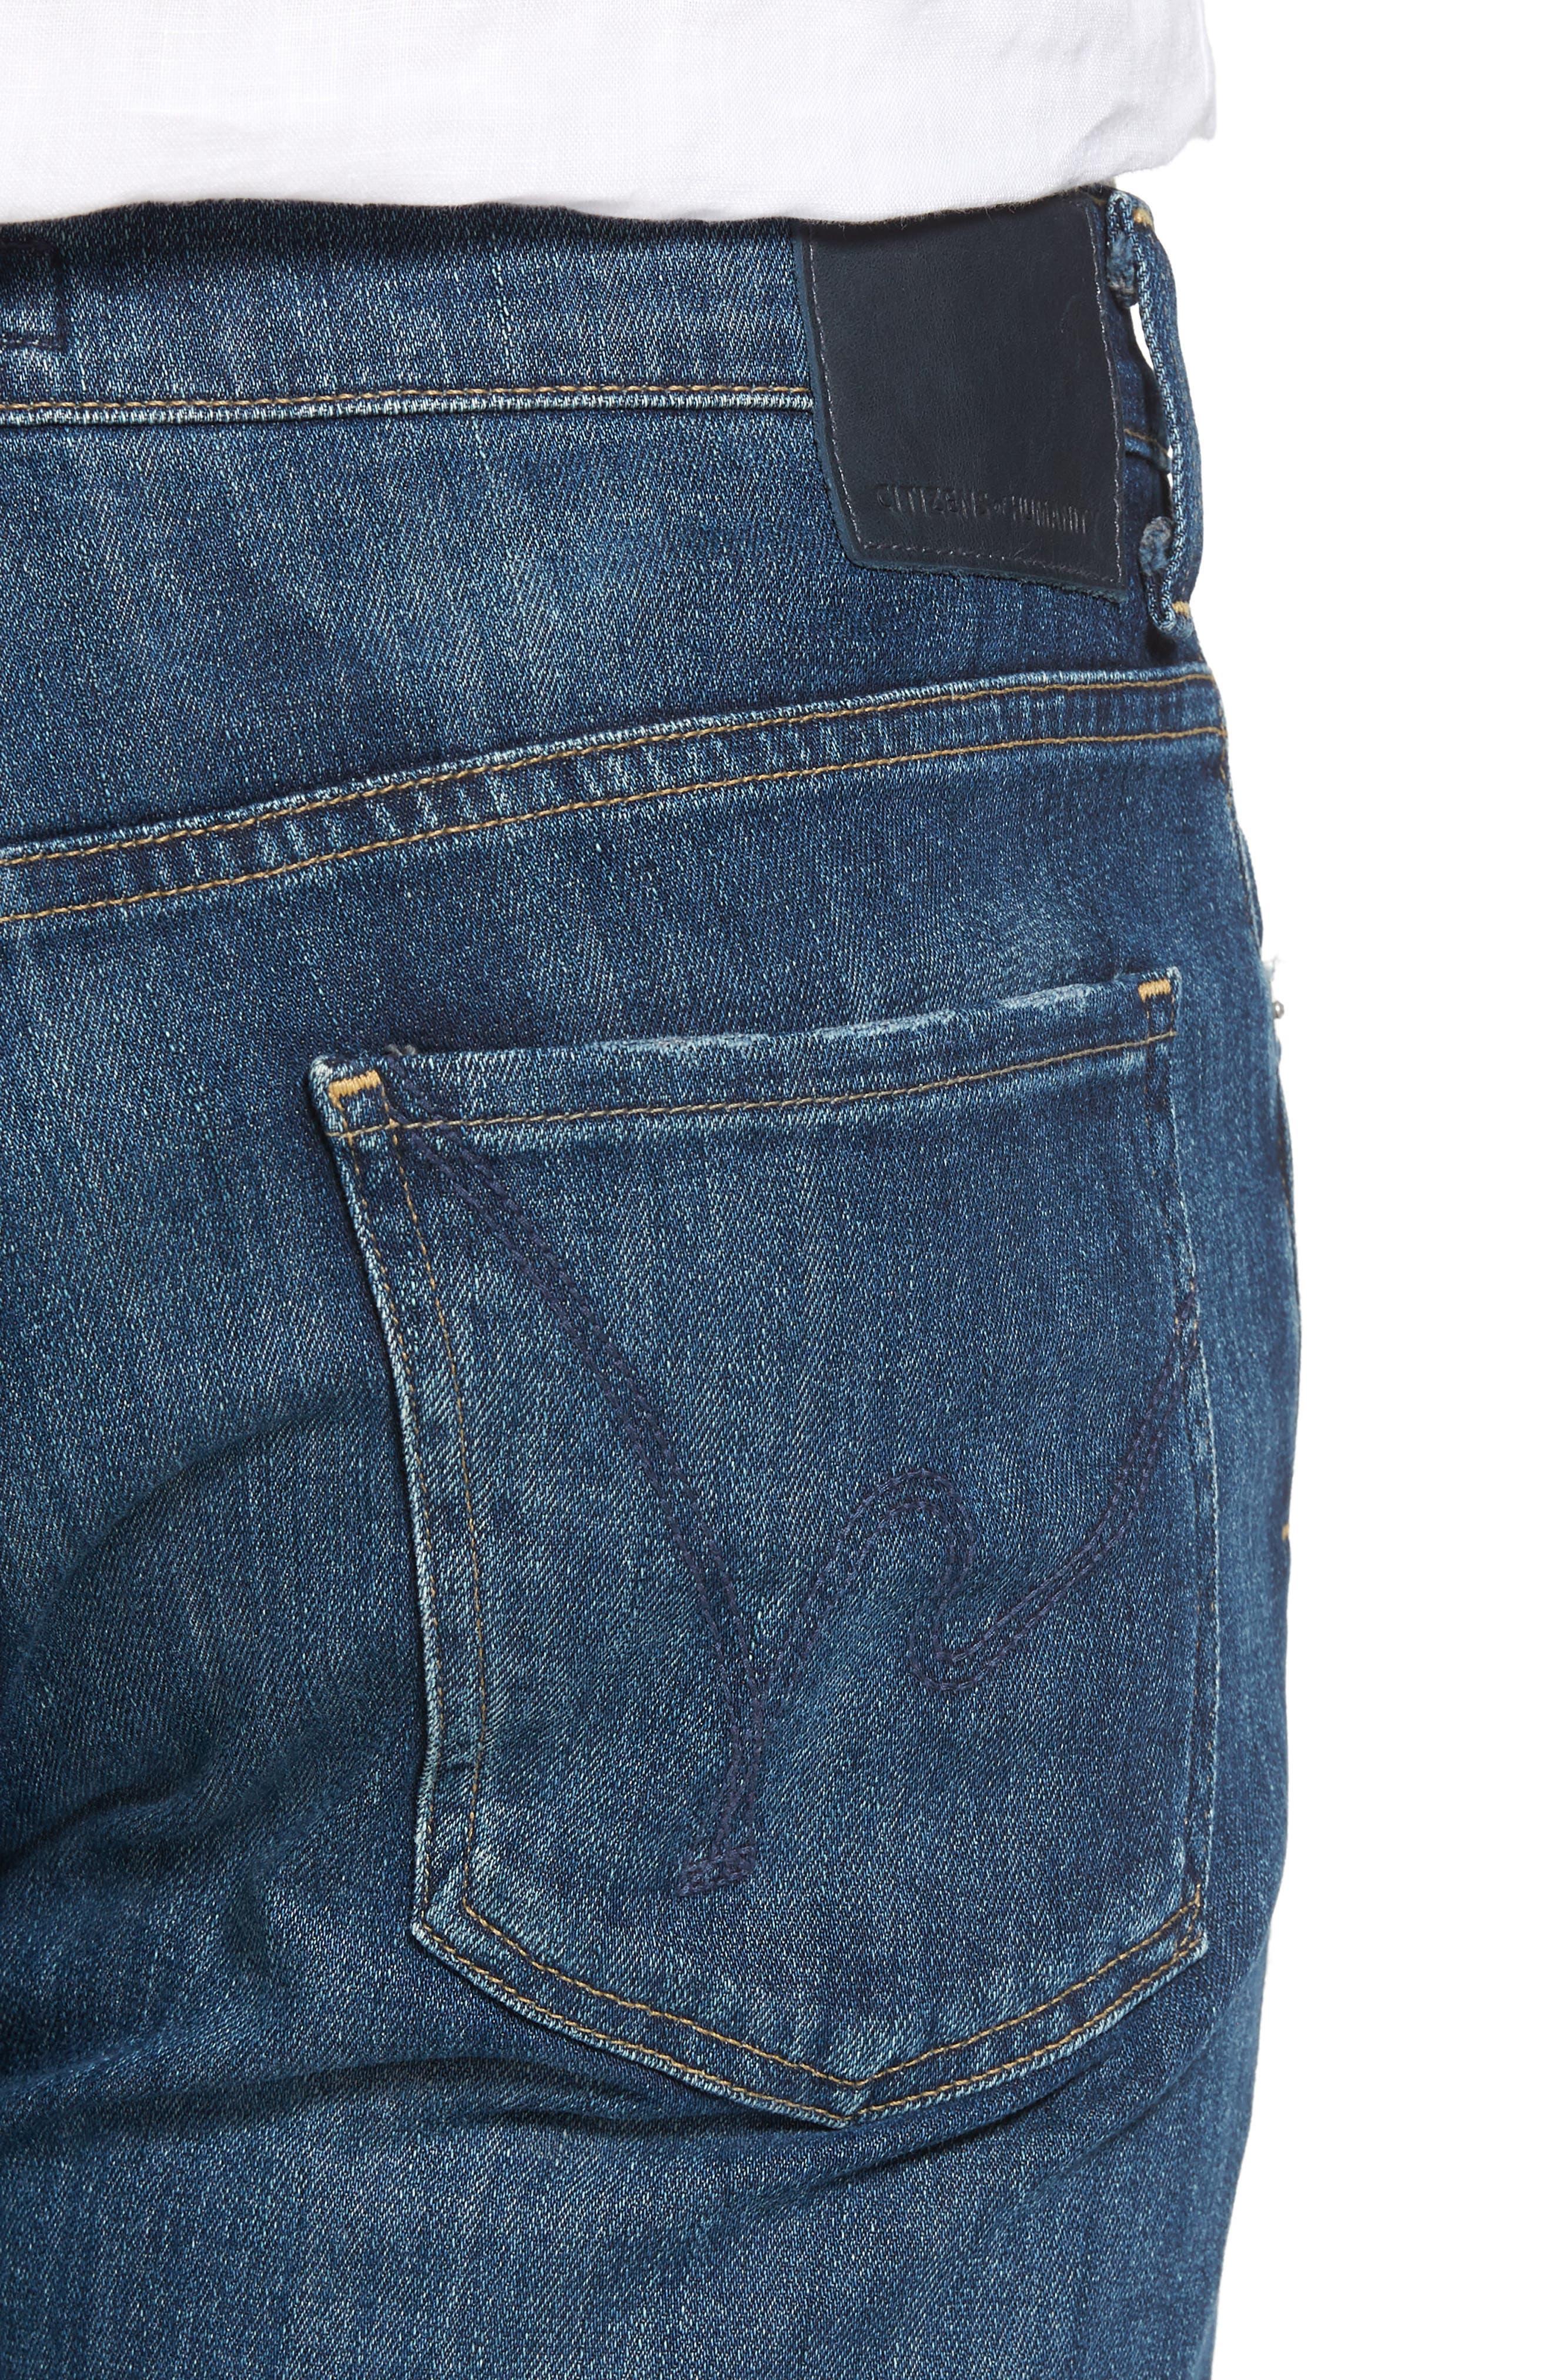 Sid Straight Leg Jeans,                             Alternate thumbnail 4, color,                             ADLER